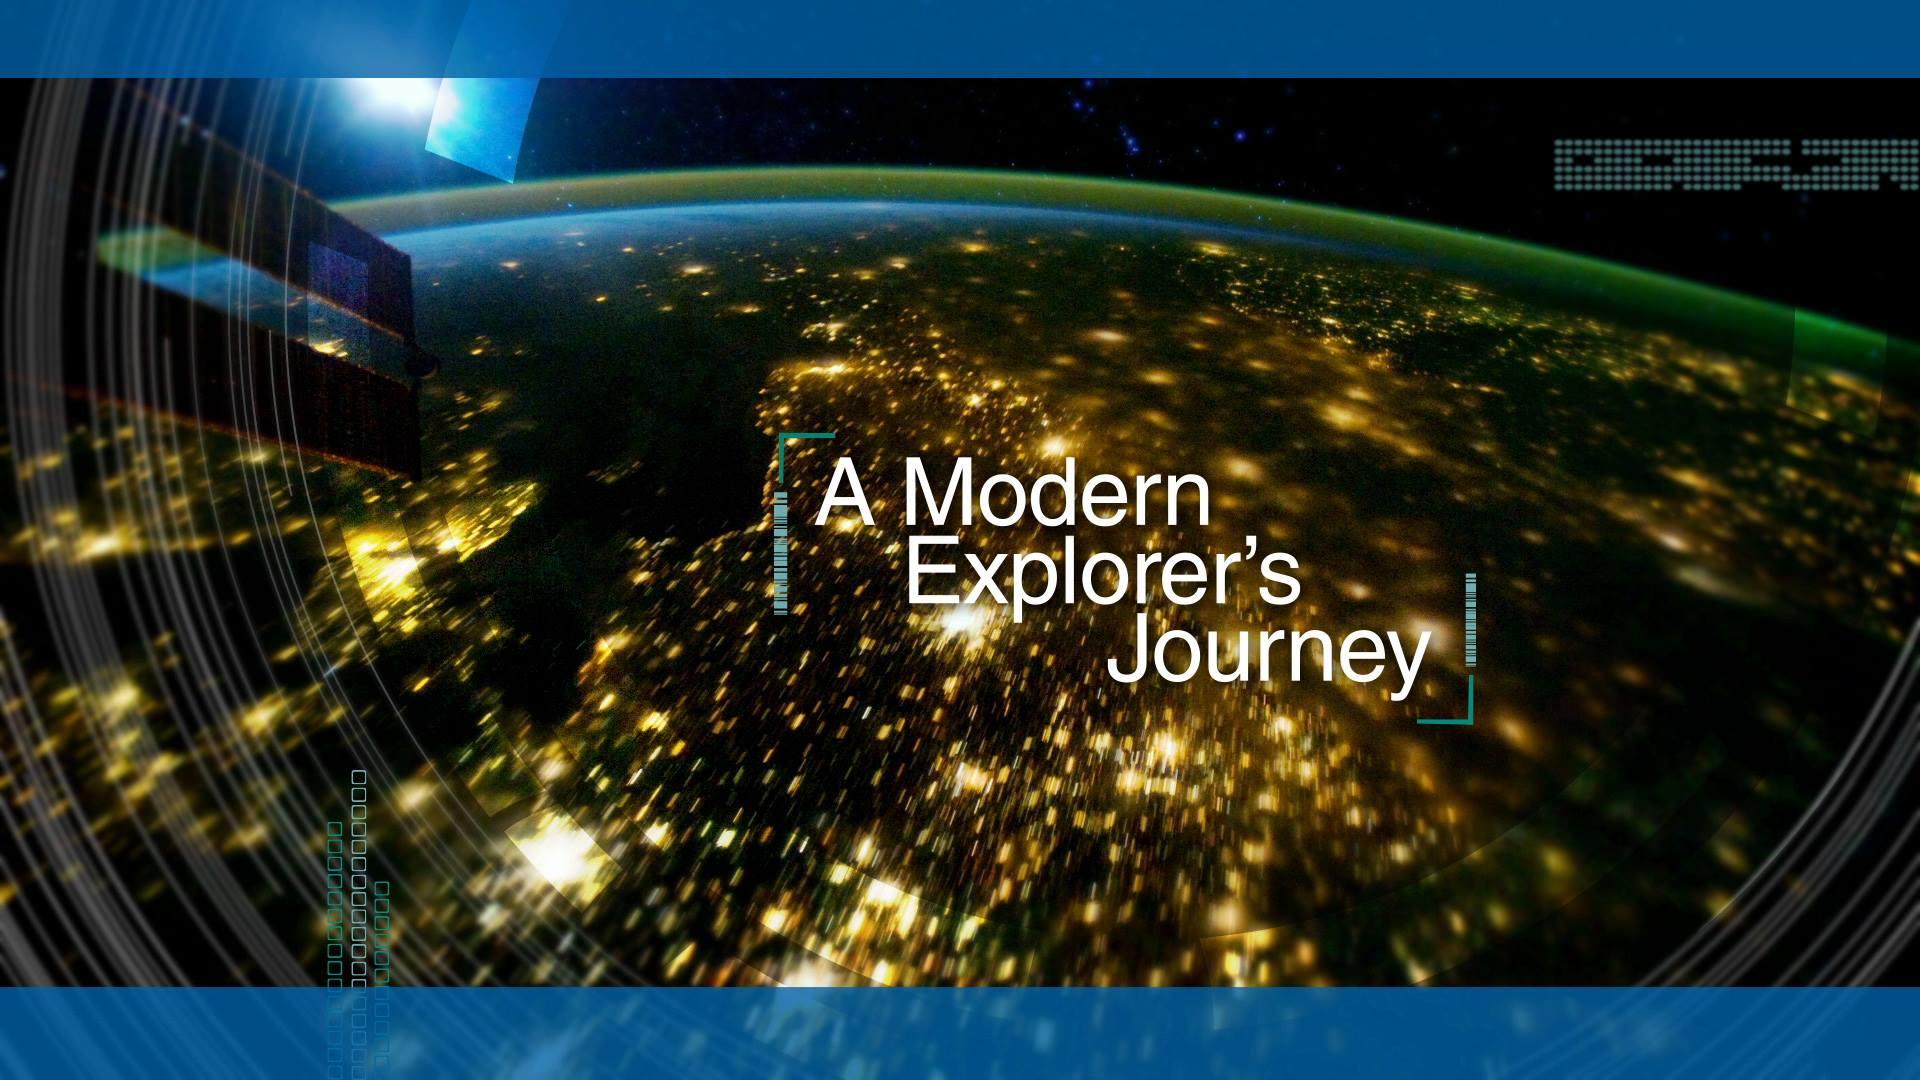 a modern explorer's journey